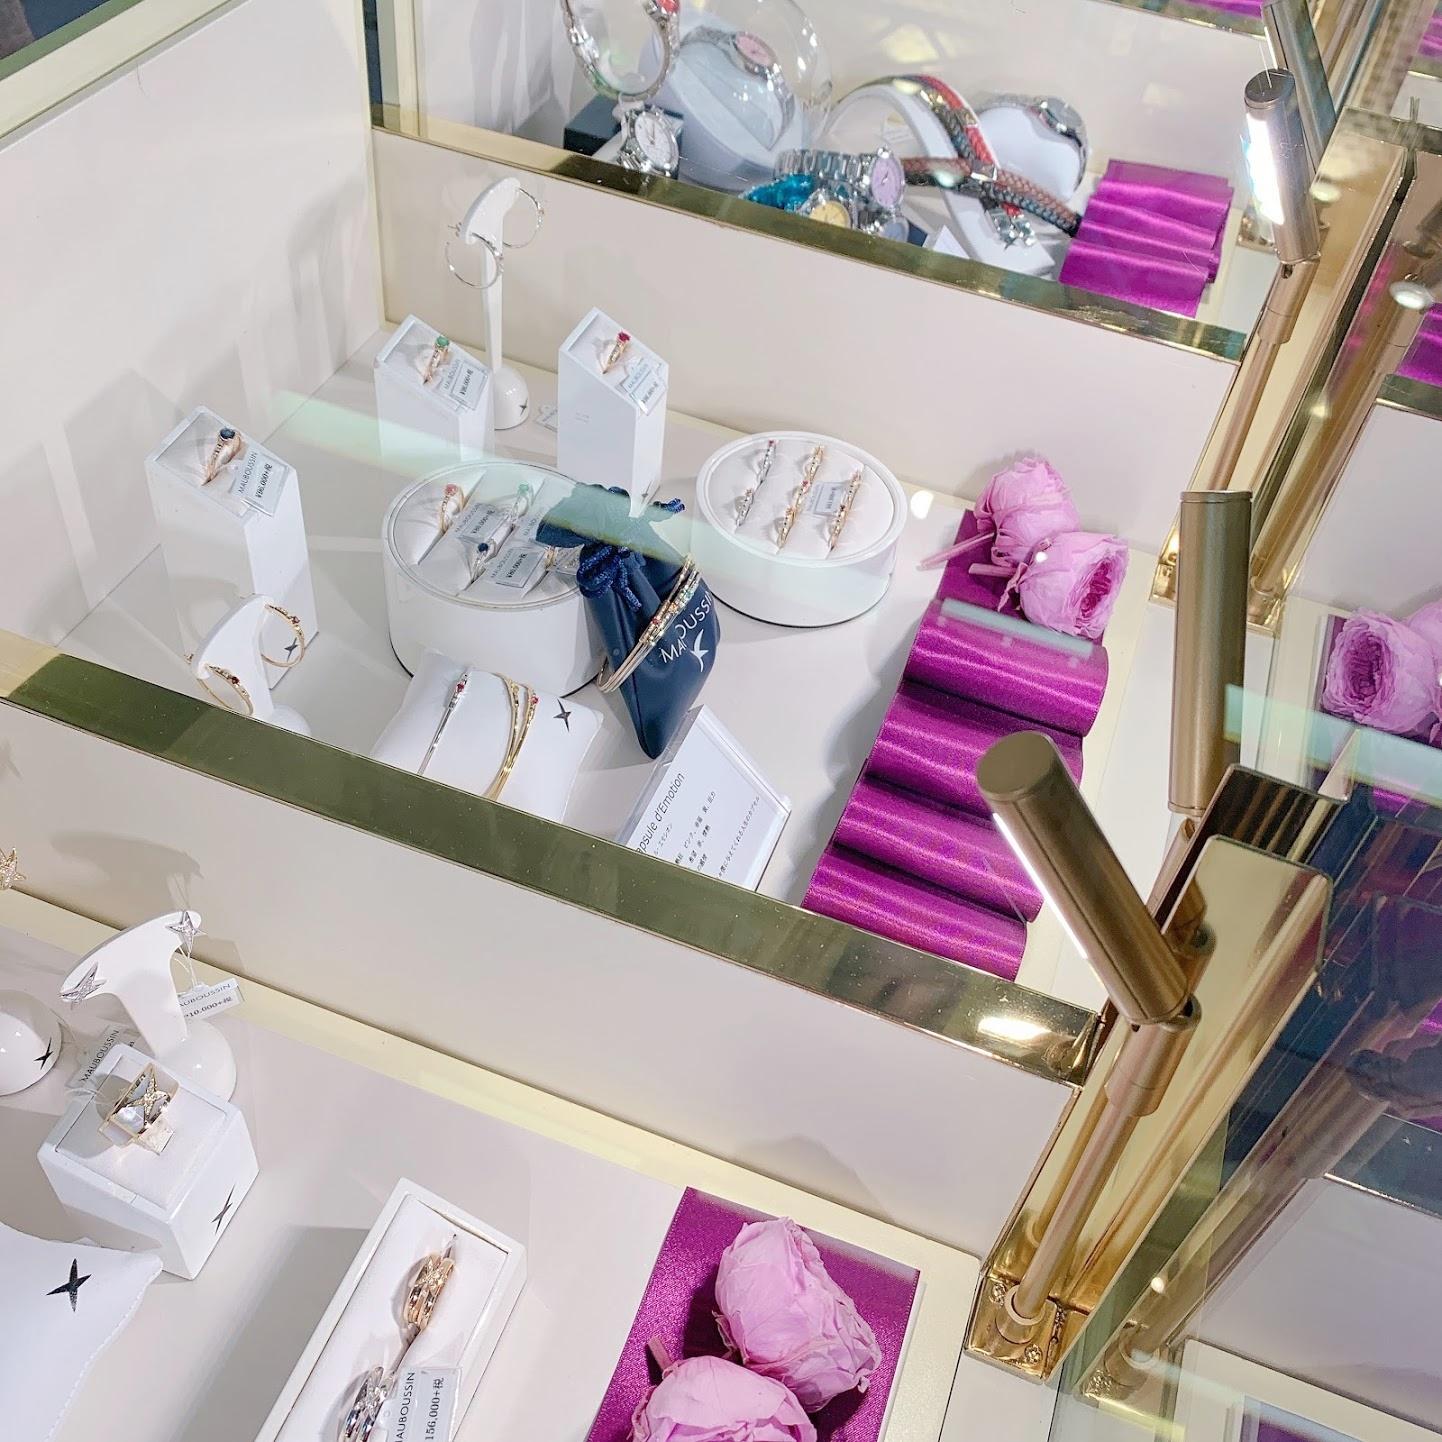 名古屋ヴォーグ ファッションズ ナイツ アウト パーソナルカラー診断イベントby サロン・ド・ルミエール